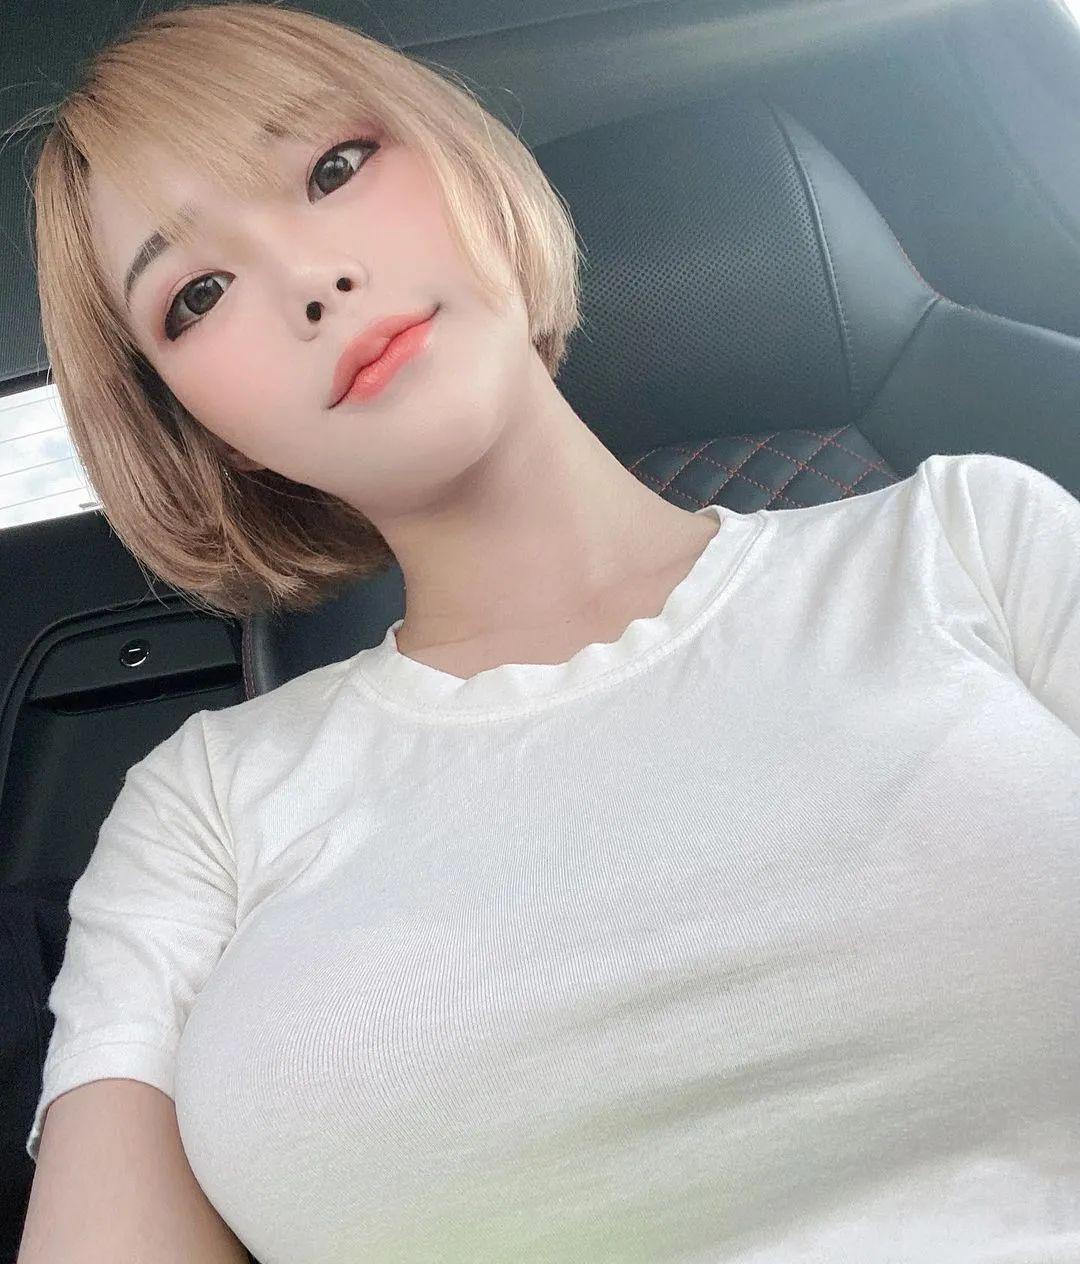 小姐姐图片:bad girl